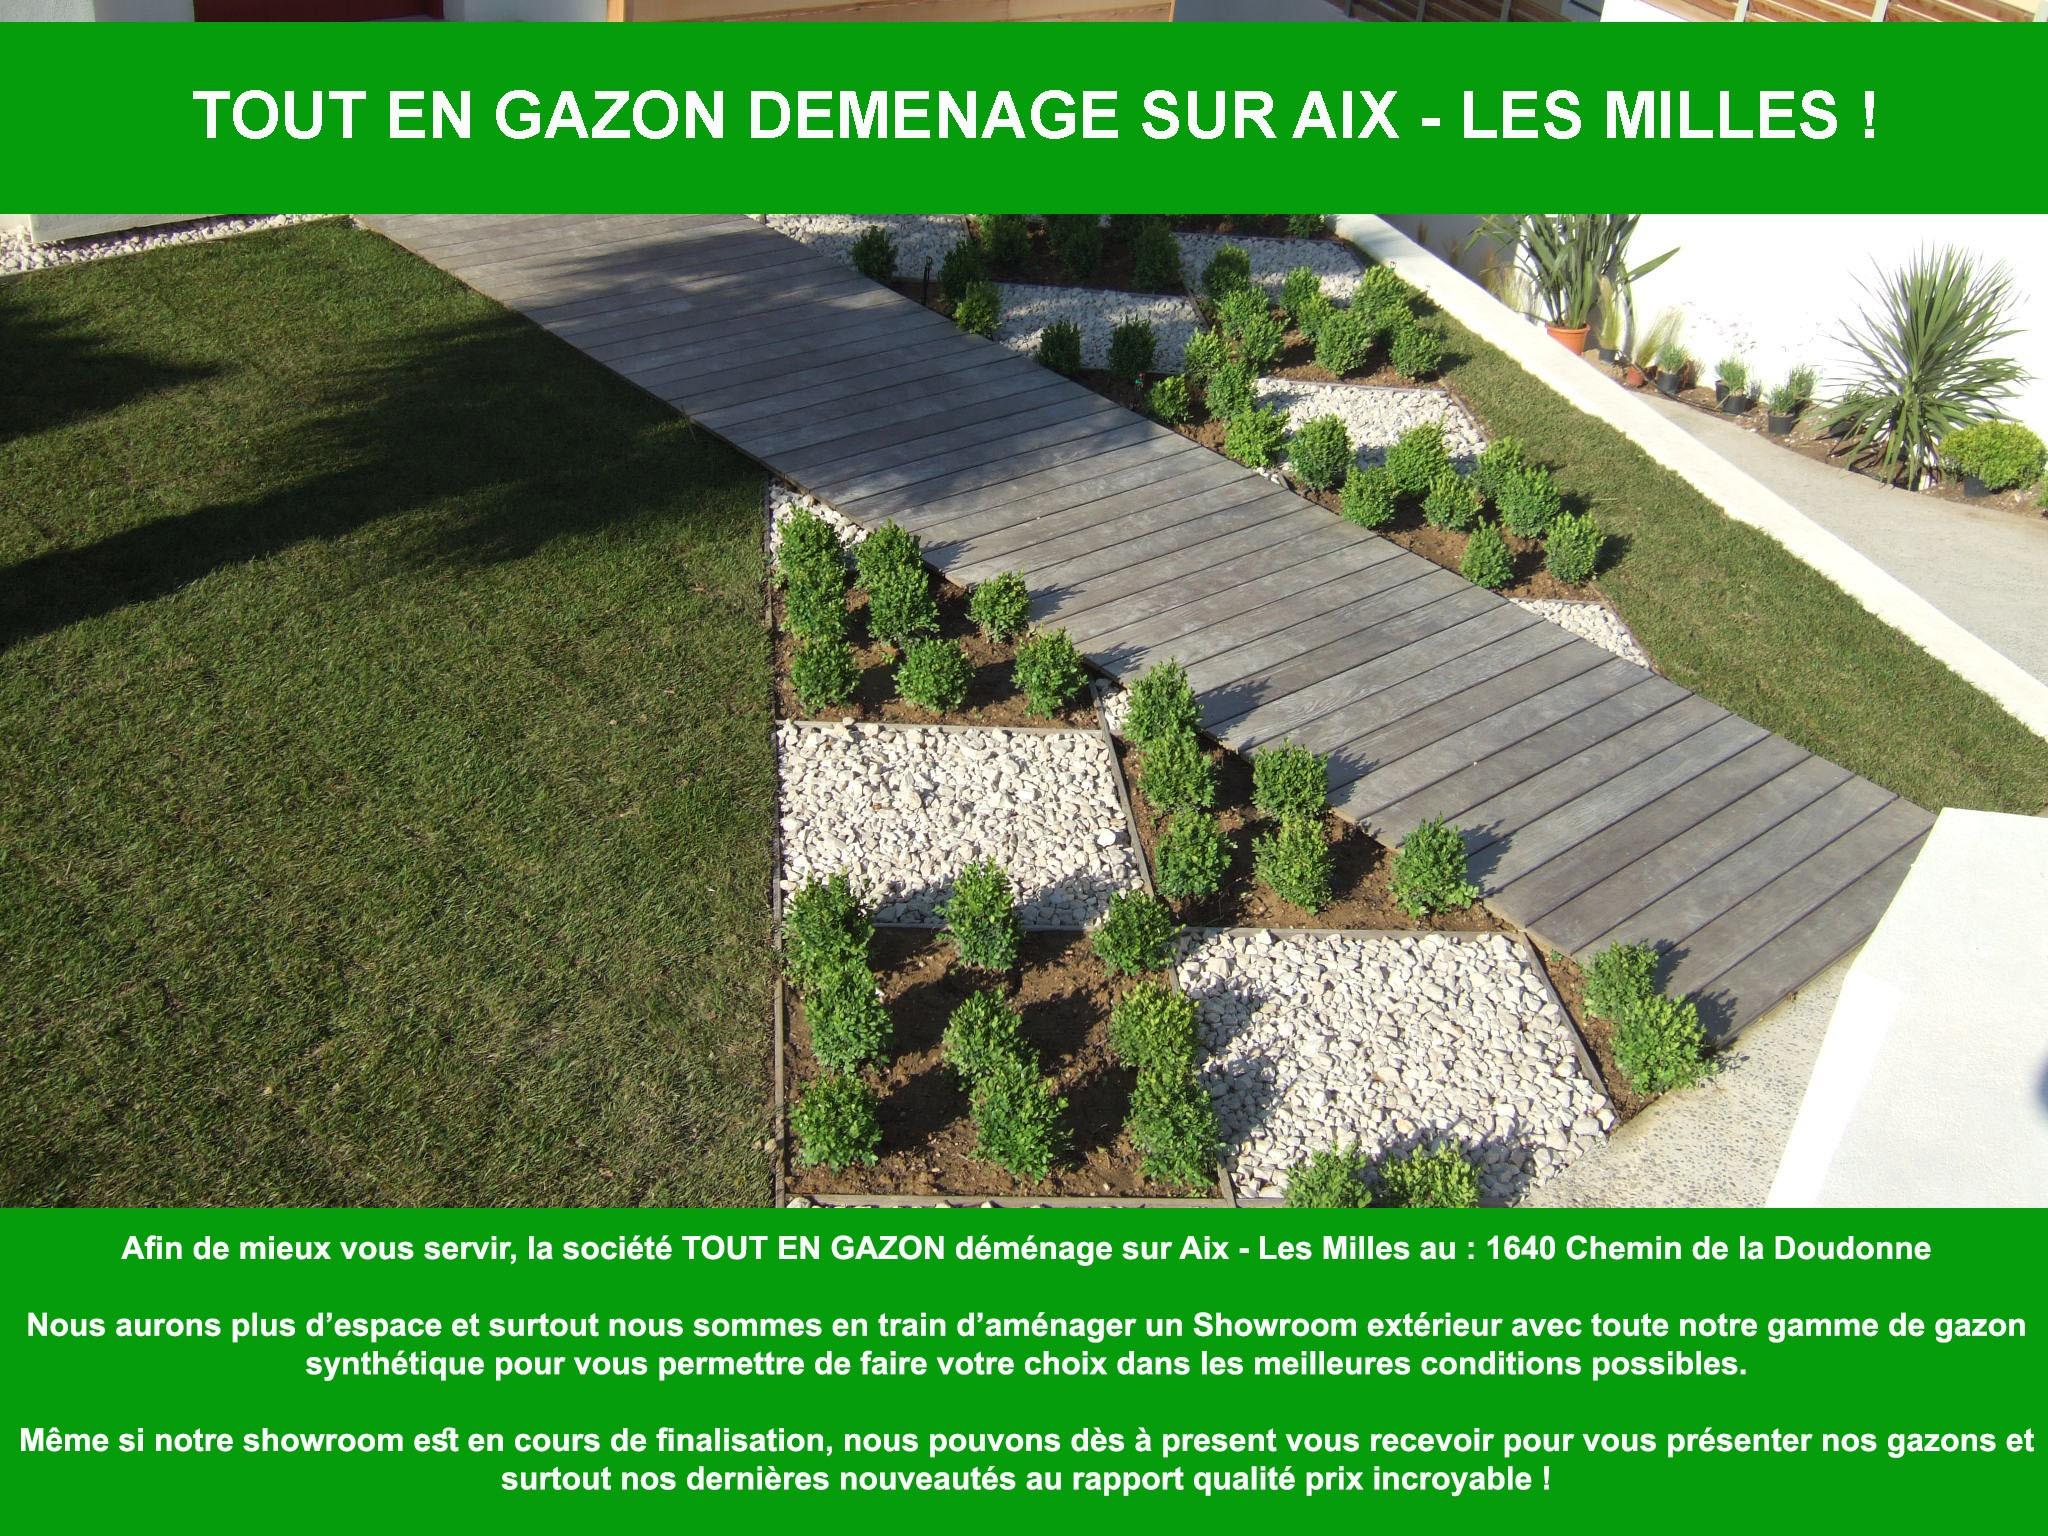 gazon finest le terme pelouse nuest pas un simple synonyme du mot gazon selon les duusage with. Black Bedroom Furniture Sets. Home Design Ideas